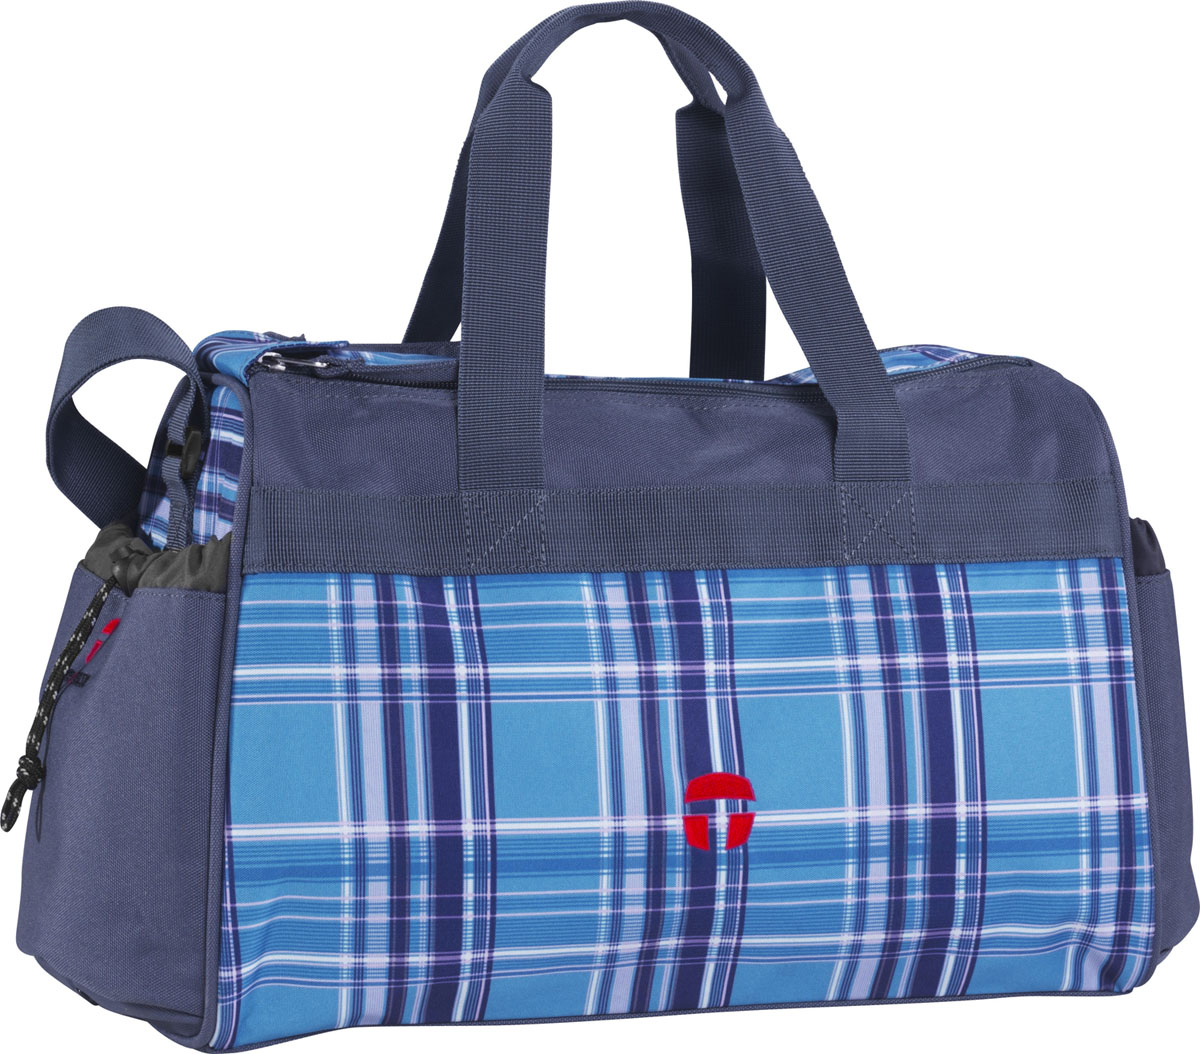 Сумка спортивная McNeil Виола, цвет: голубой, 37 см х 20 см х 25 см6416Спортивная сумка McNeil Виола предназначена для переноски спортивных вещей, обуви и инвентаря. Сумка ручной работы выполнена из современных резистентных материалов и оформлена принтом в голубую клетку. Сумка имеет одно вместительное отделение, закрывающееся на две застежки-молнии. Бегунки на застежках соединены общим текстильным держателем. На тыльной стороне сумки расположен внешний карман для обуви, закрывающийся на застежку молнию. По бокам находятся два внешних кармана, затягивающиеся сверху текстильным шнурком с фиксатором. Спортивная сумка оснащена двумя текстильными ручками для переноски в руке и плечевым ремнем, регулируемым по длине. На дне сумки расположены четыре широкие пластиковые ножки, которые защитят ее от грязи и продлят срок службы.Спортивные сумки McNeill- это высочайшее качество, функциональность и современный дизайн. Характеристики: Материал: текстиль, пластик, металл. Размер сумки: 37 см х 20 см x 25 см. Объем сумки: 18 л.